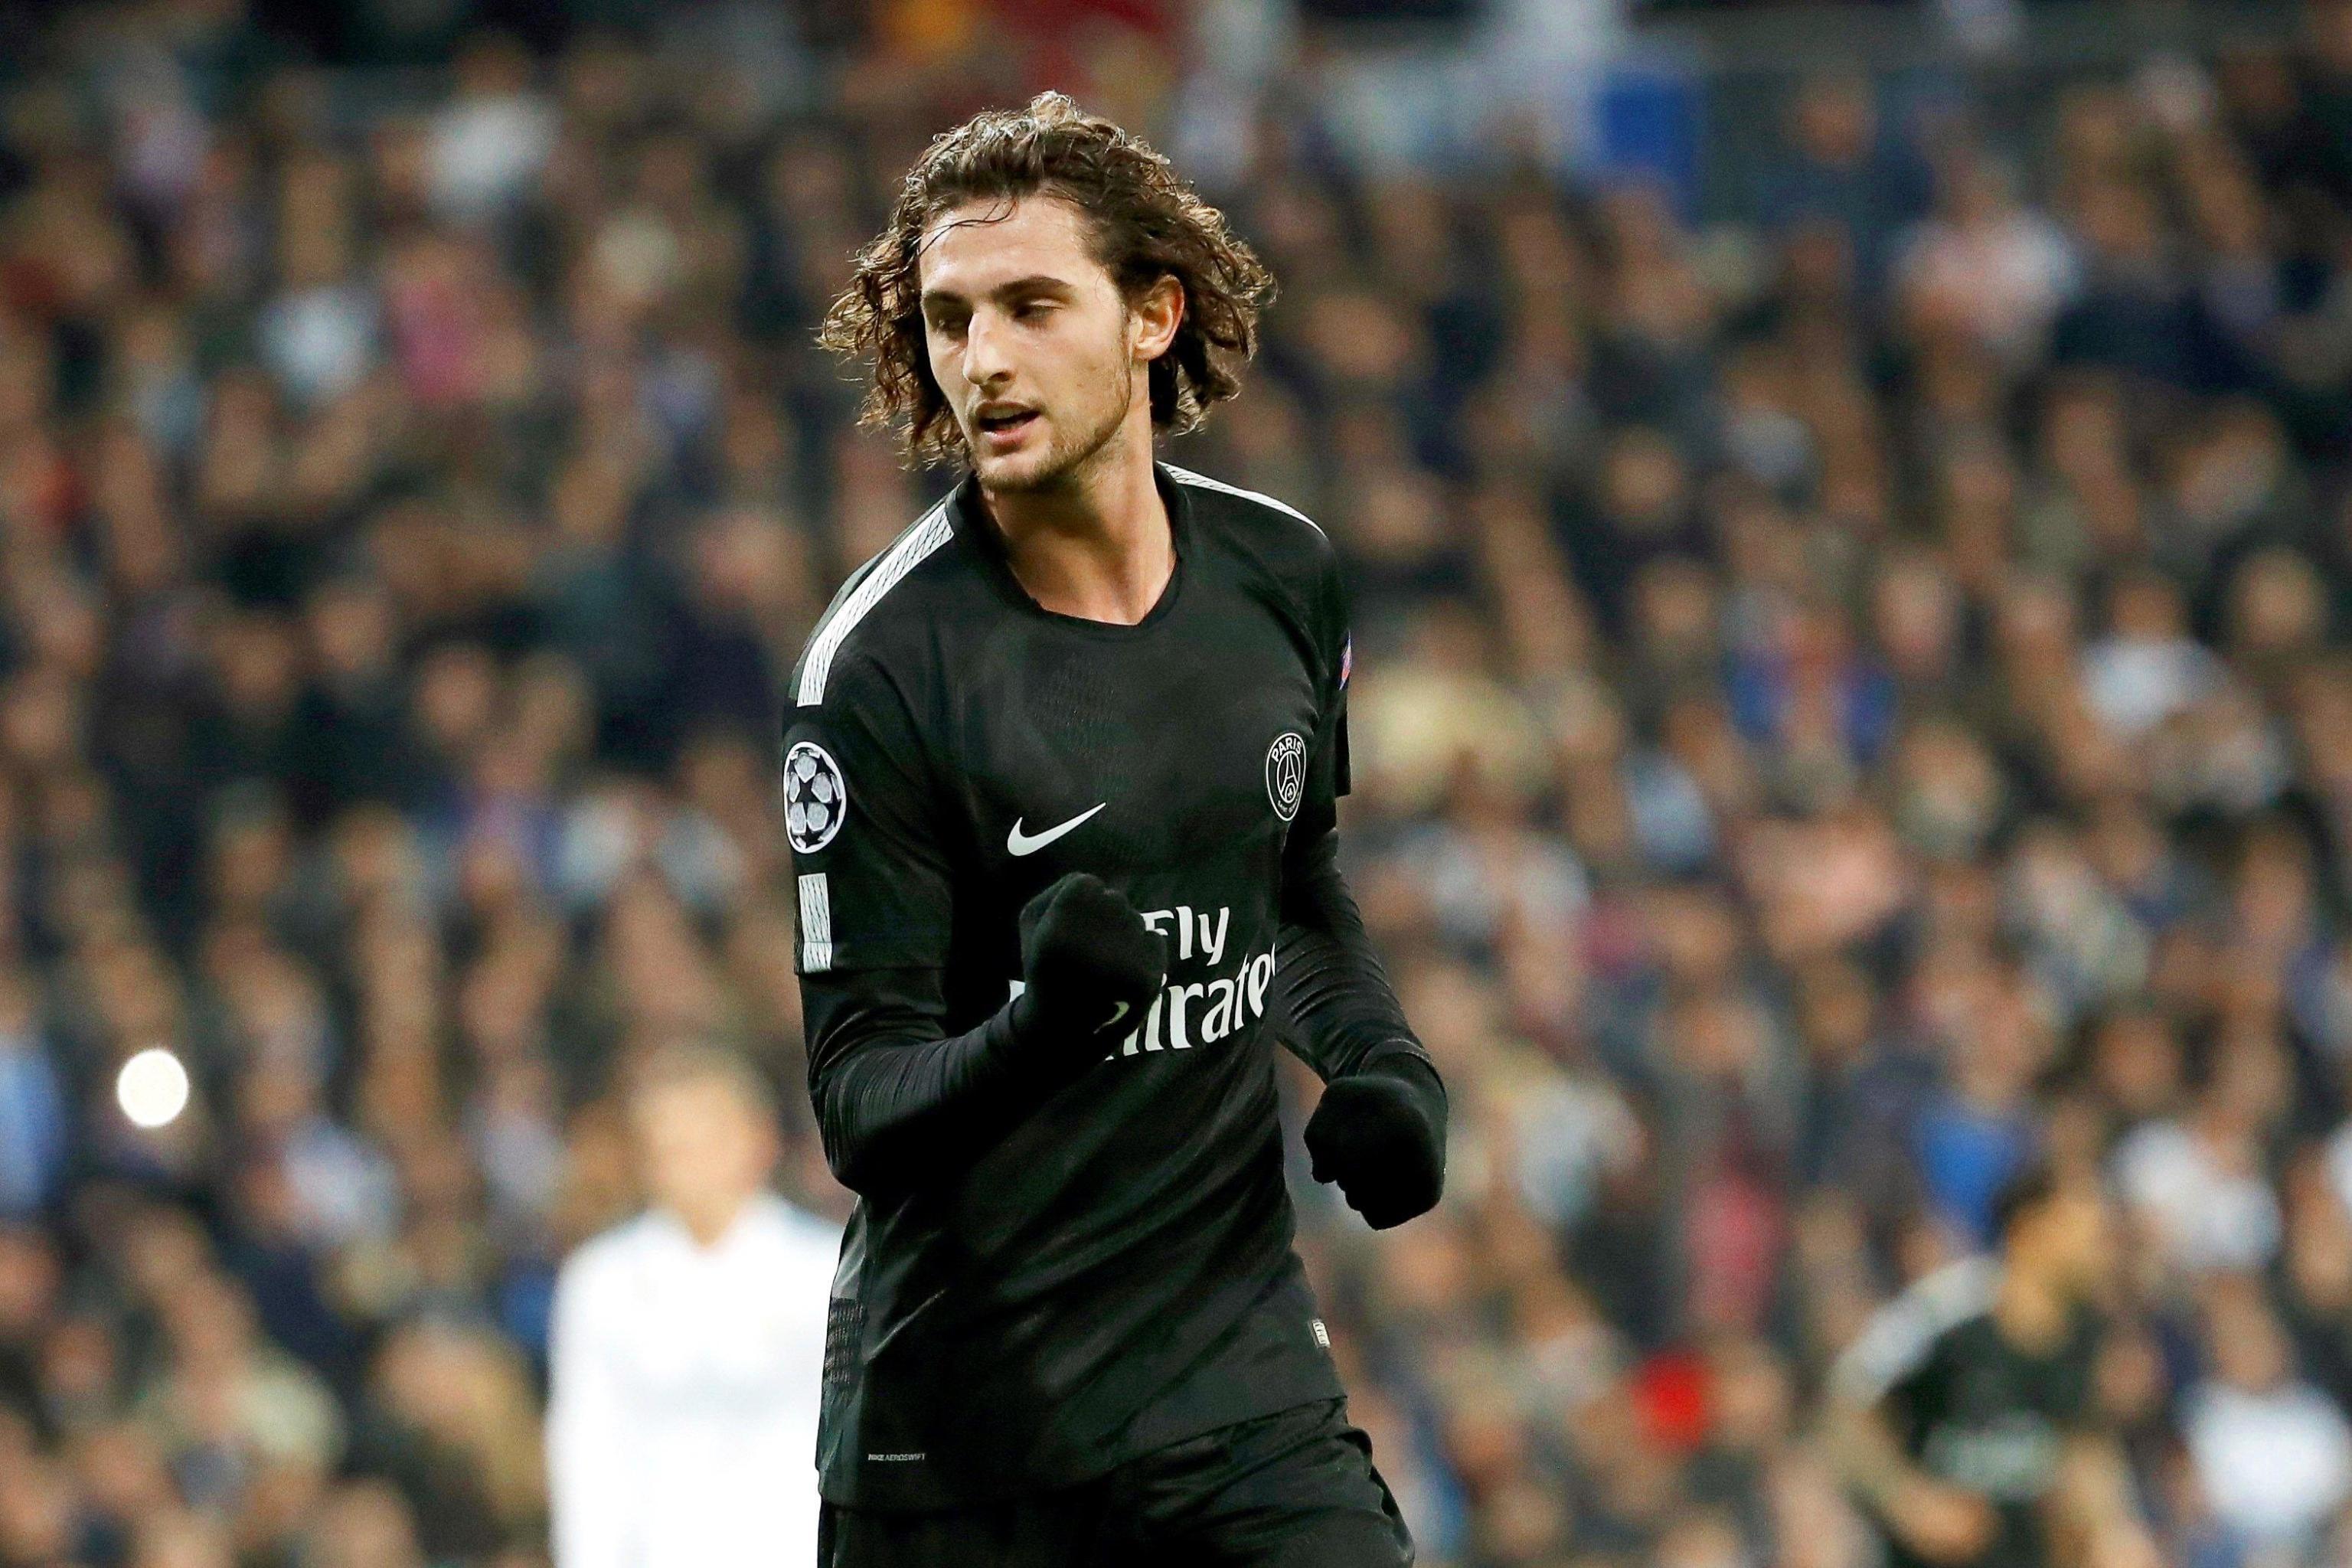 Rabiot (Psg)  - 40 milioni: Il francese ha deciso di non rinnovare il contratto in scadenza nel 2019, abbassando il prezzo del suo cartellino e scatenando un'asta internazionale. La Juventus è interessata